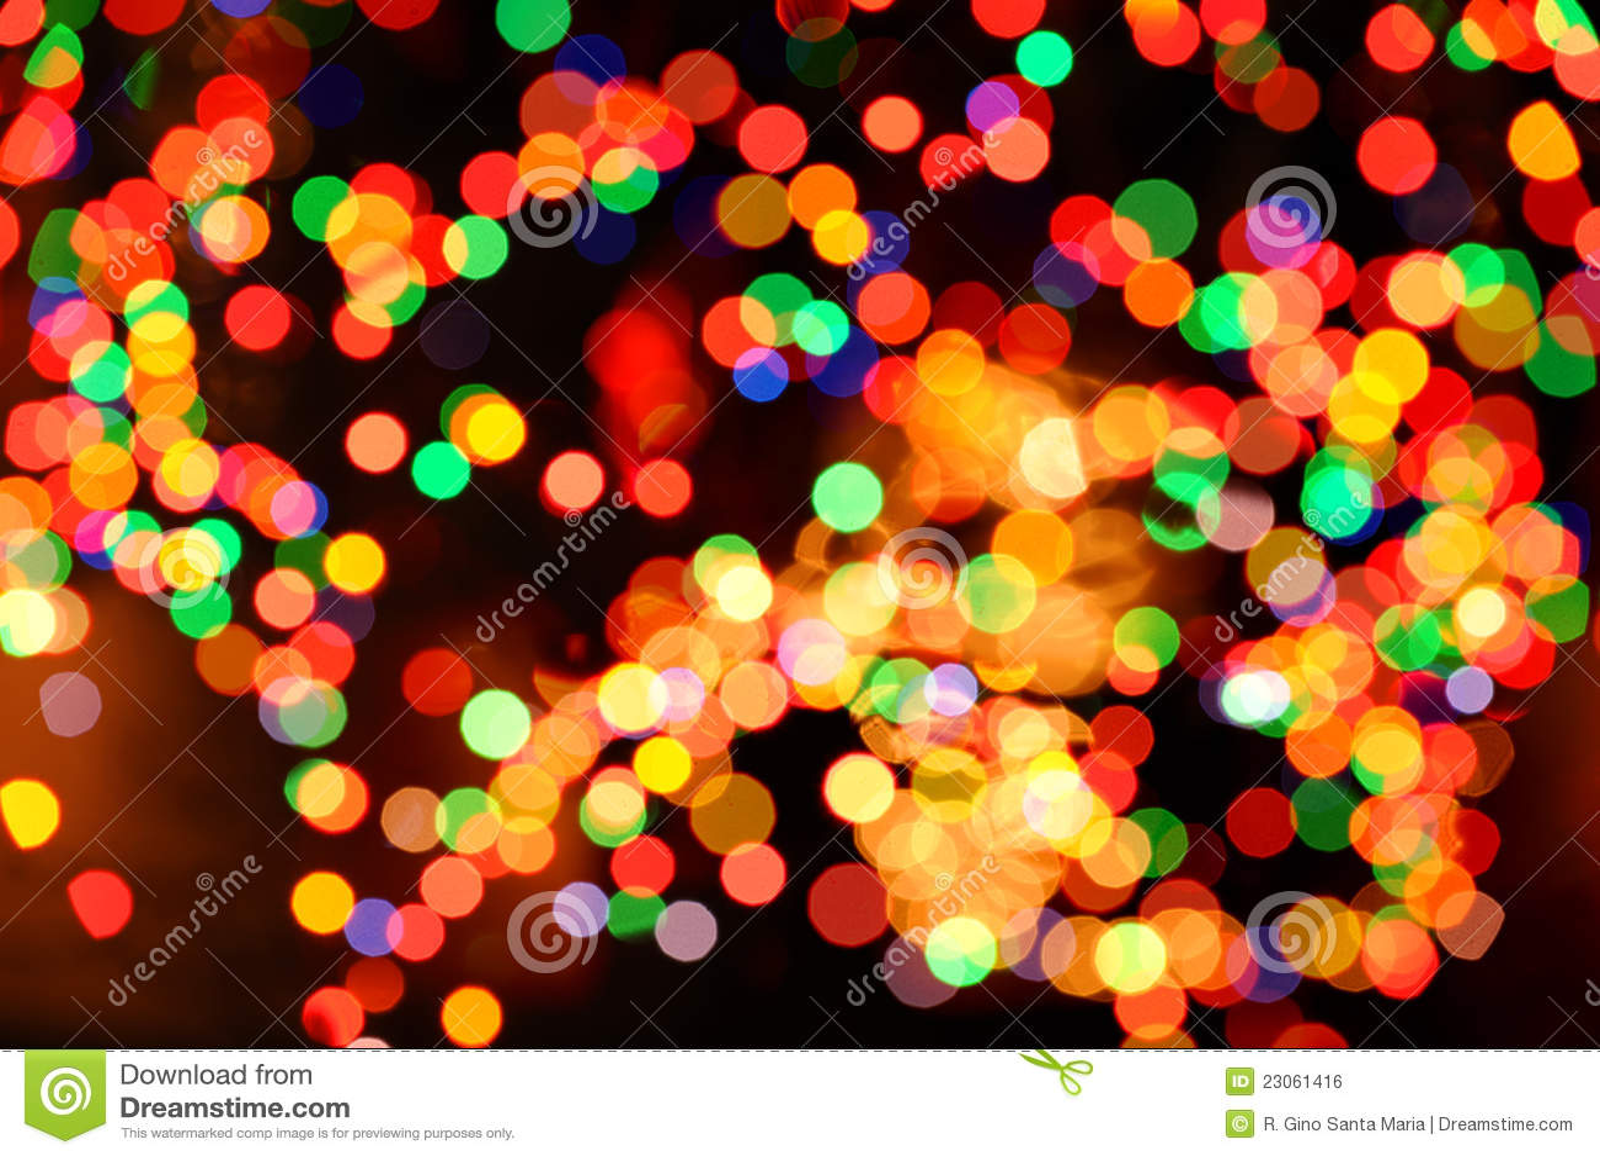 Bożonarodzeniowe Światła Abstrakta Tło